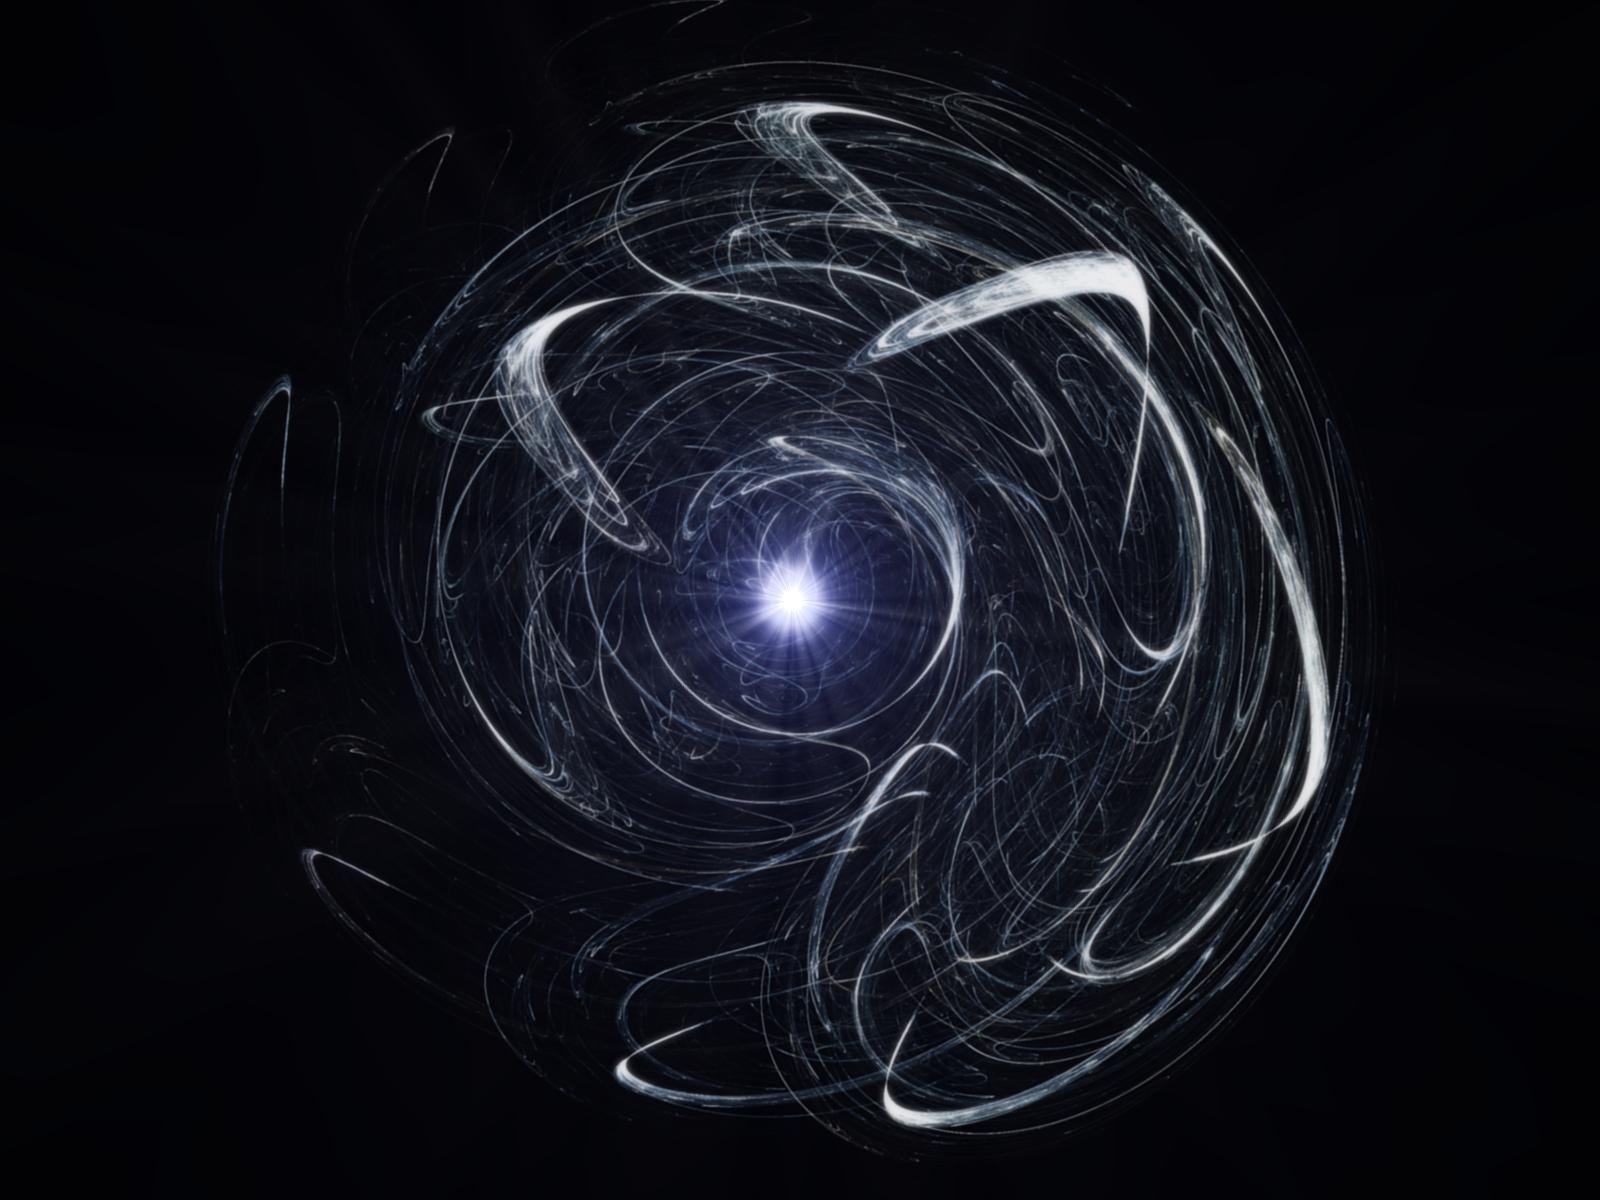 Supernova Fractal Wallpaper by jaime2psp on DeviantArt